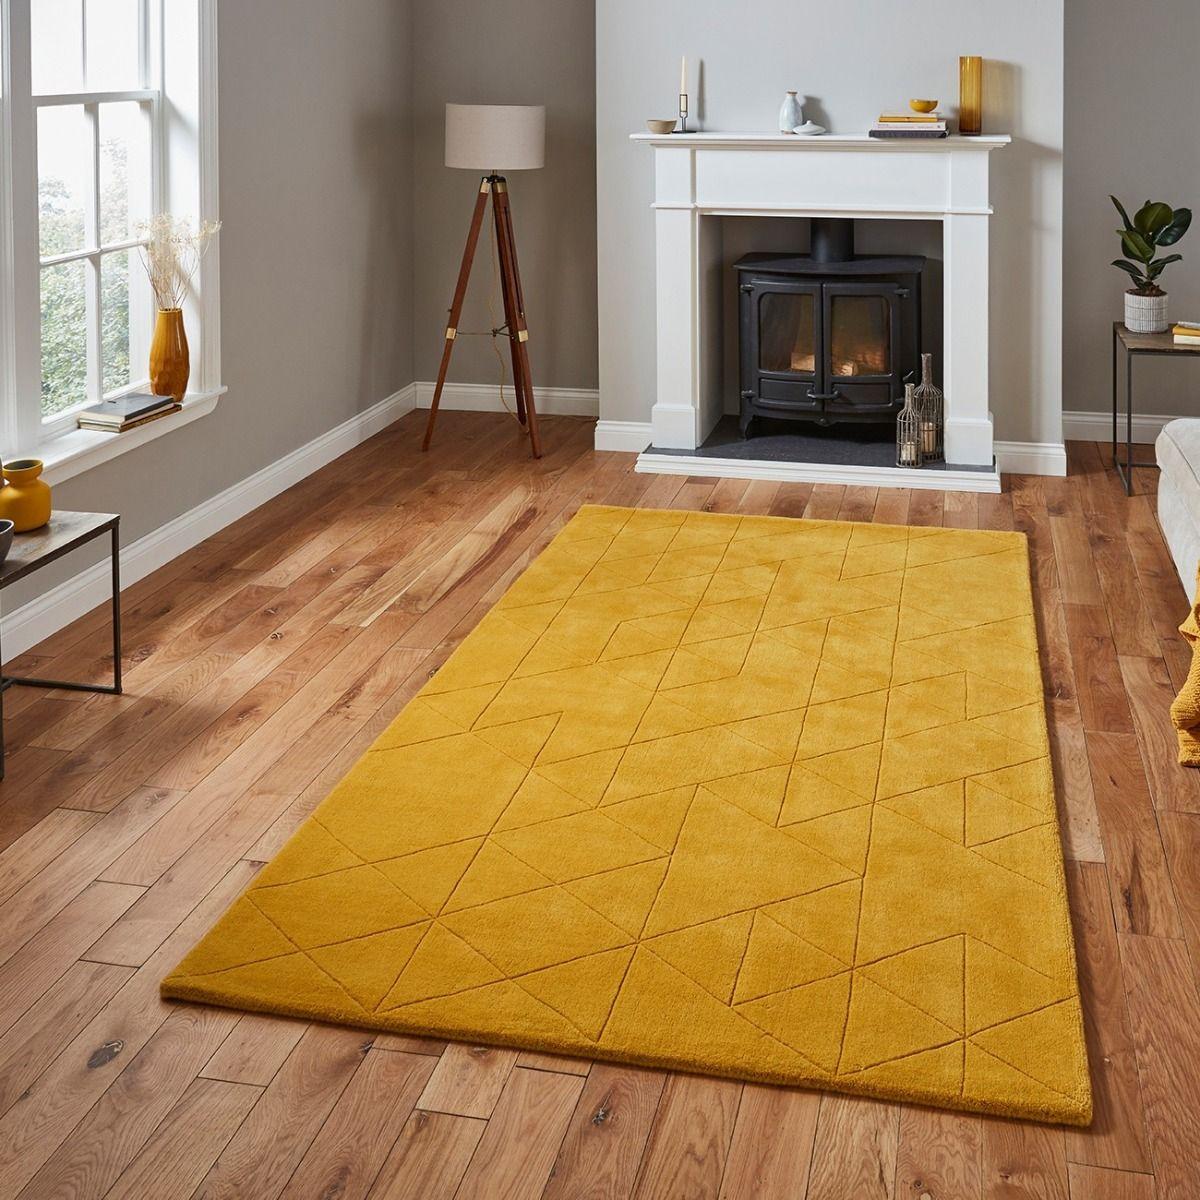 Buy Online Kasbah Kb2025 Ochre Geometric Wool Rug Therugshopuk